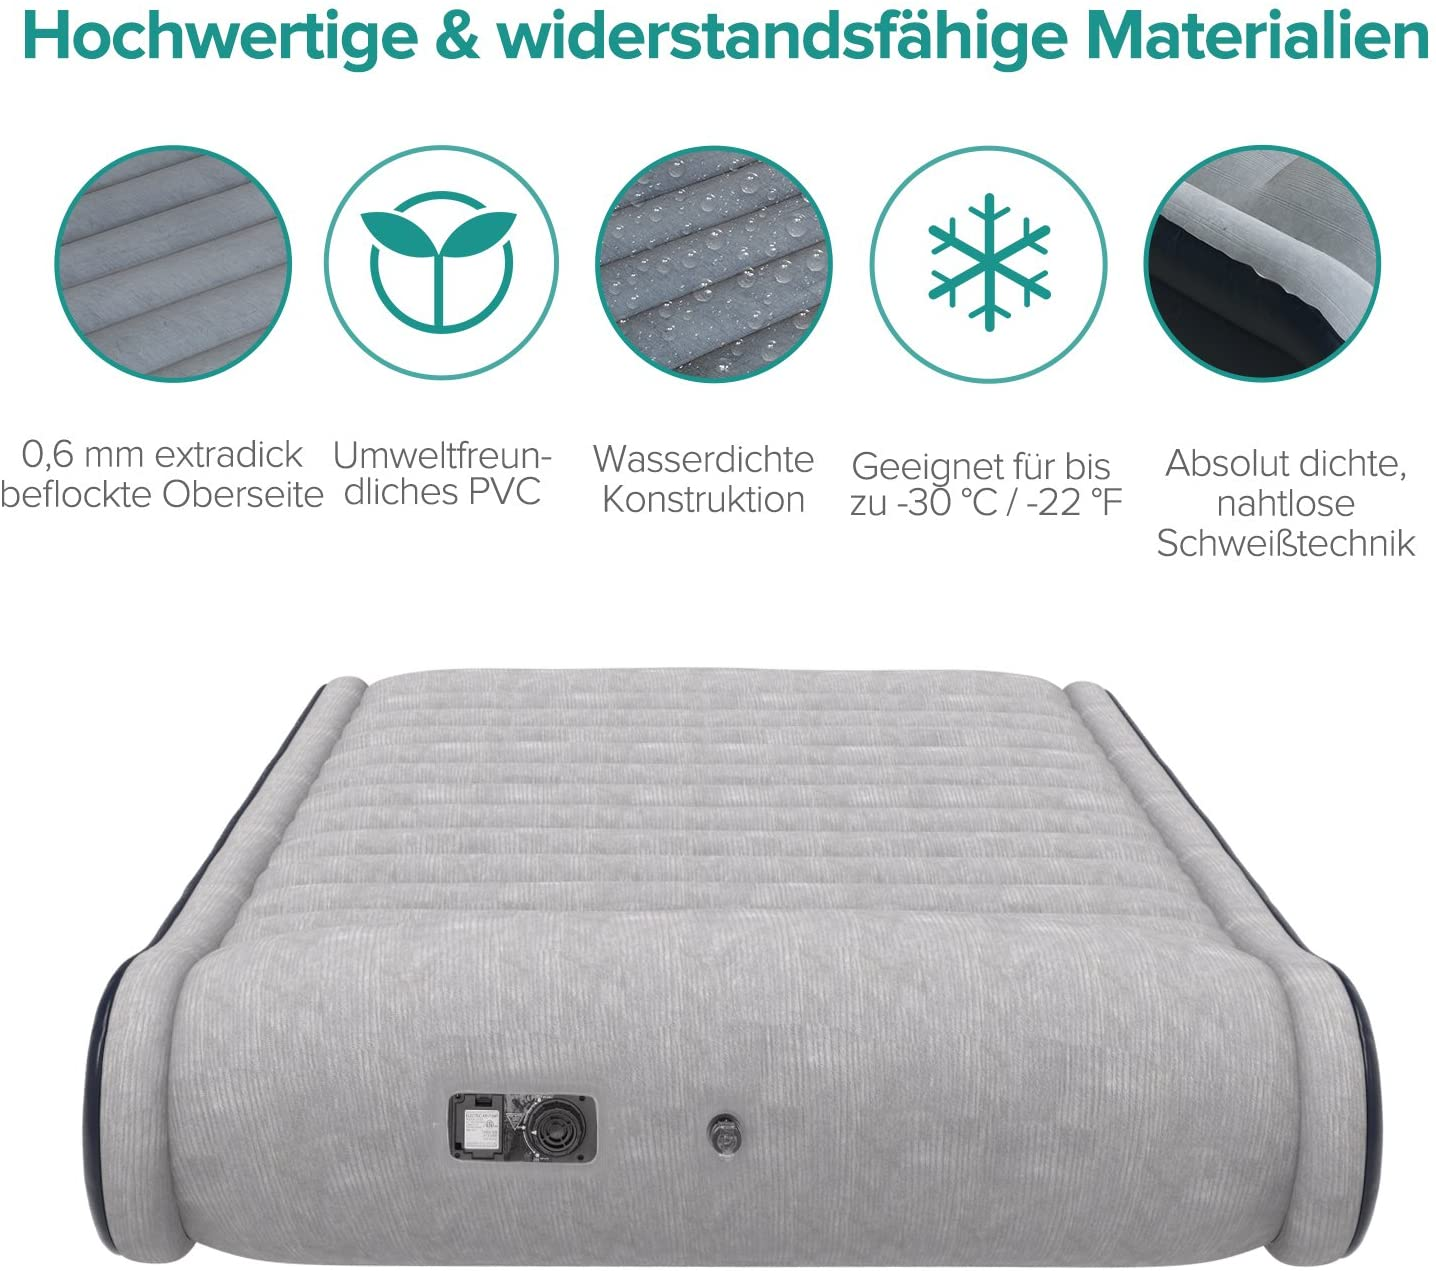 Aufblasbares Luftbett (Sable) Qualität